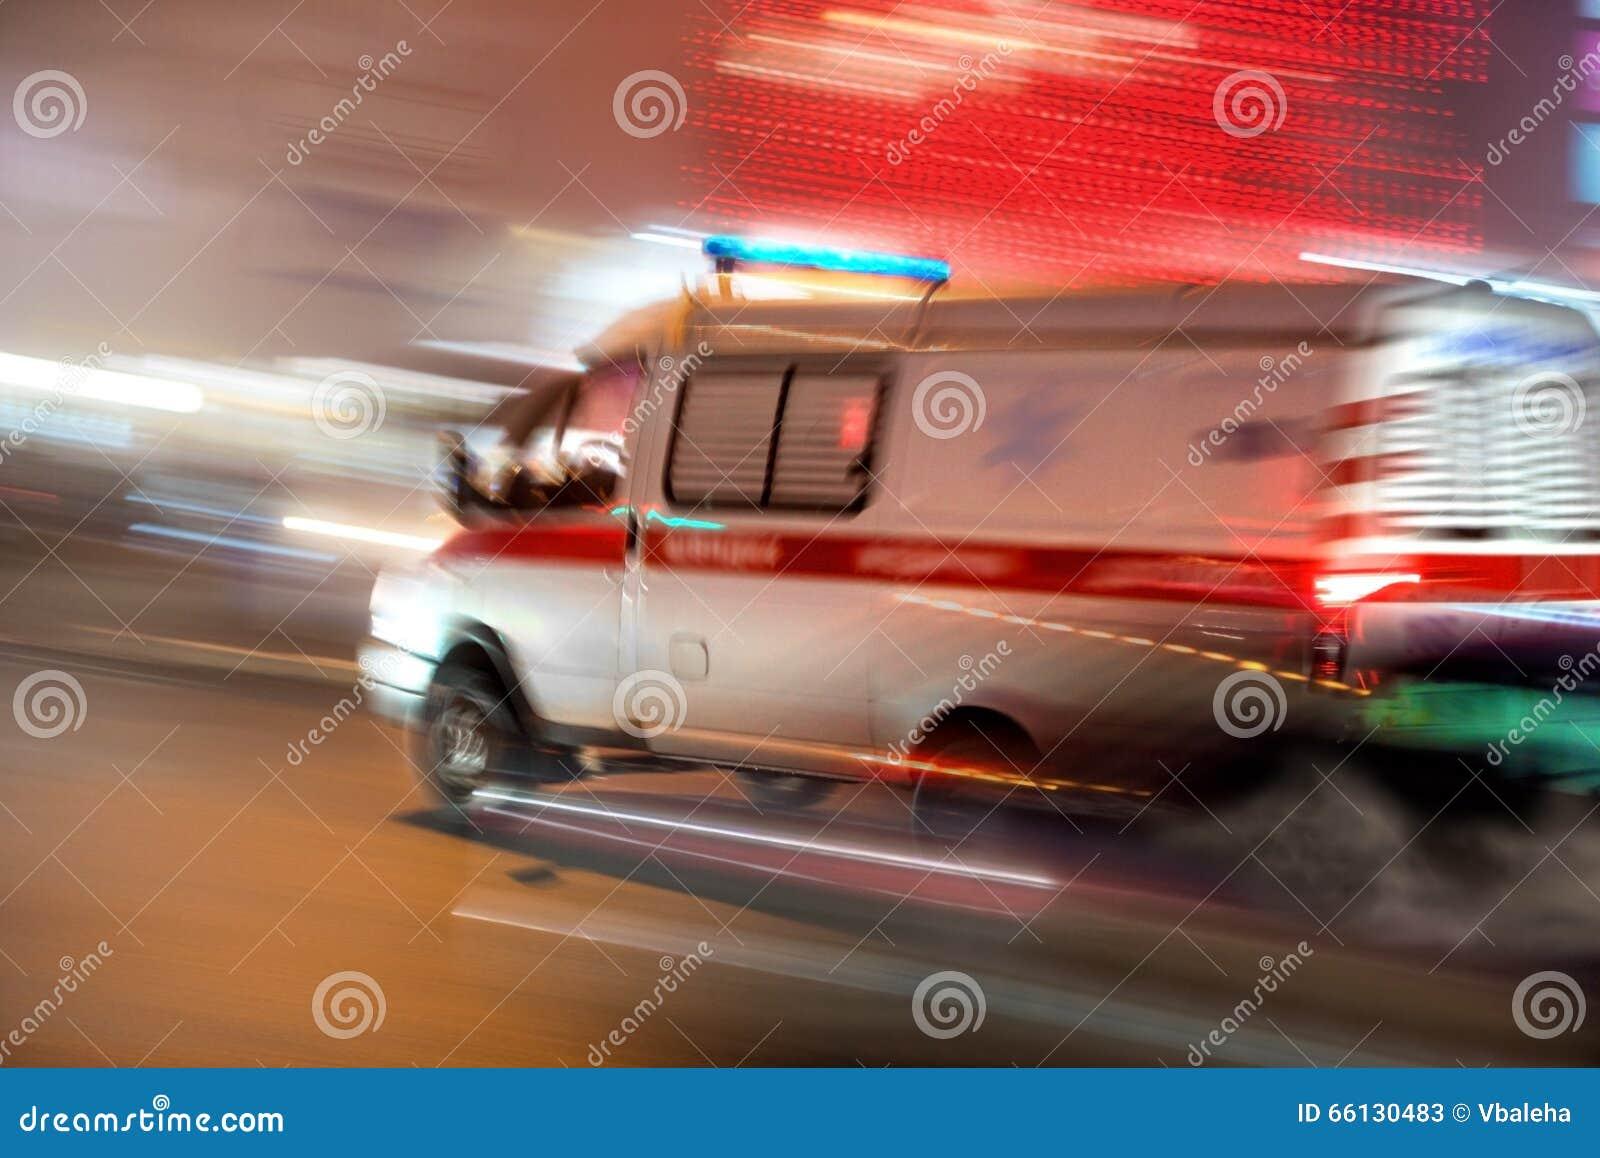 Ambulance dans le mouvement